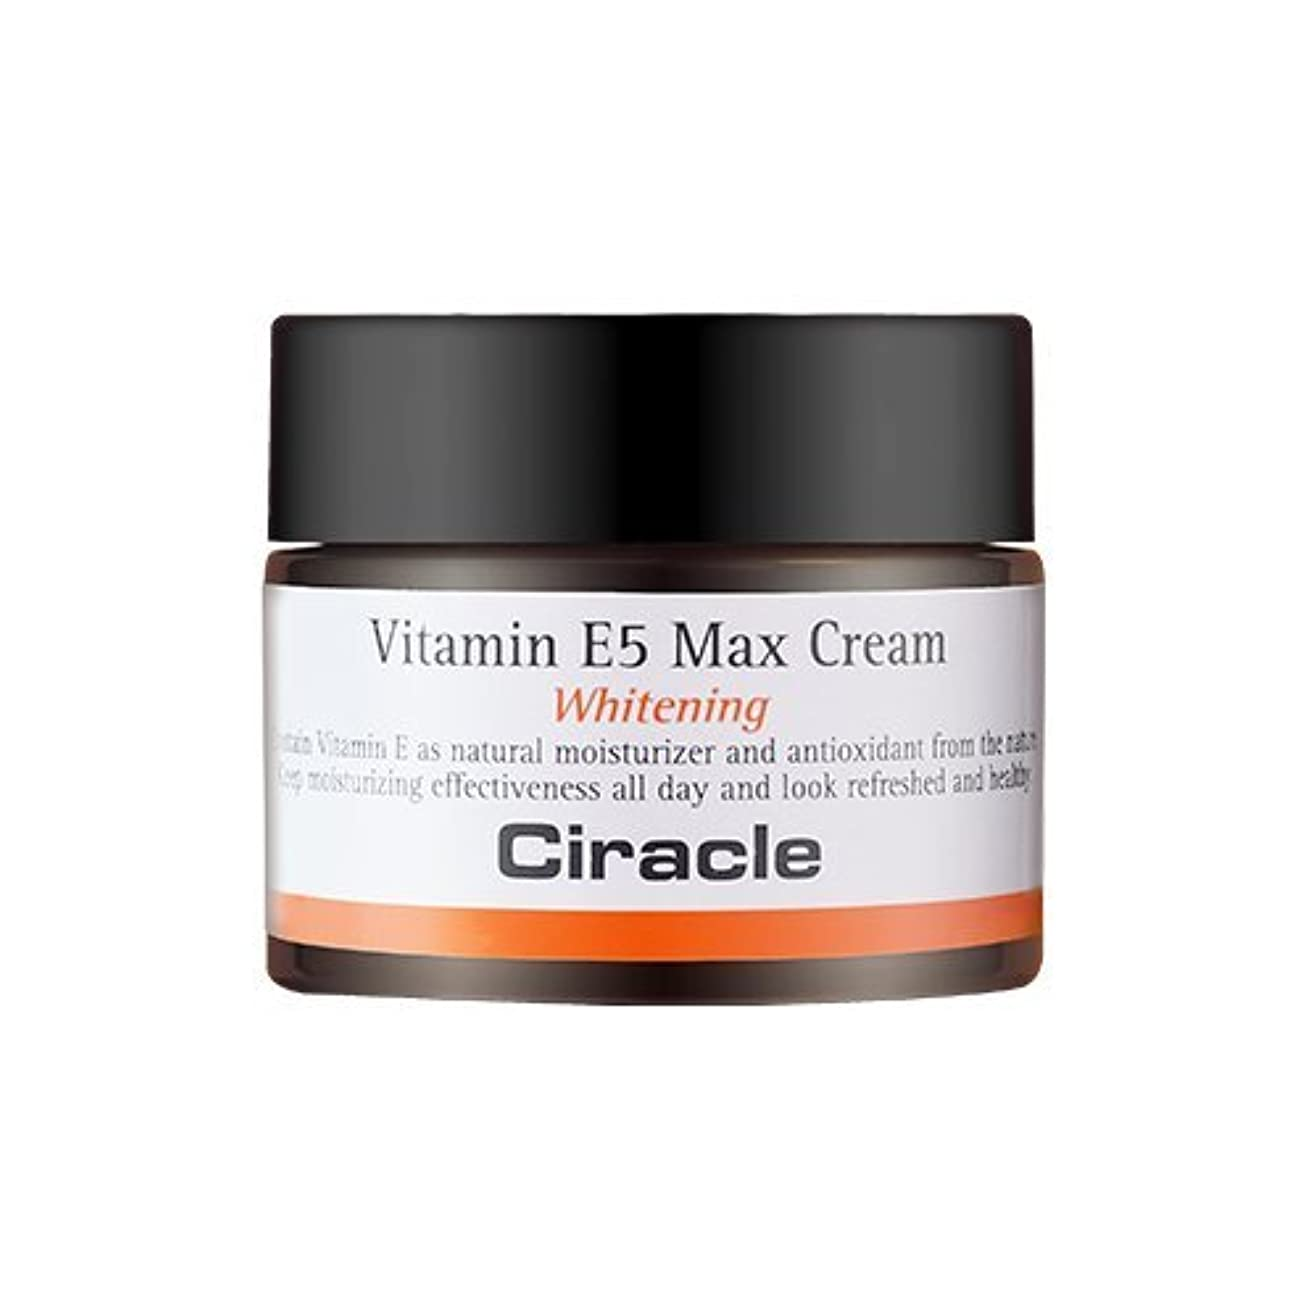 信号神聖管理するCiracle Vitamin E5 Max Cream シラクル ビタミンE5 マックス クリーム 50ml [並行輸入品]